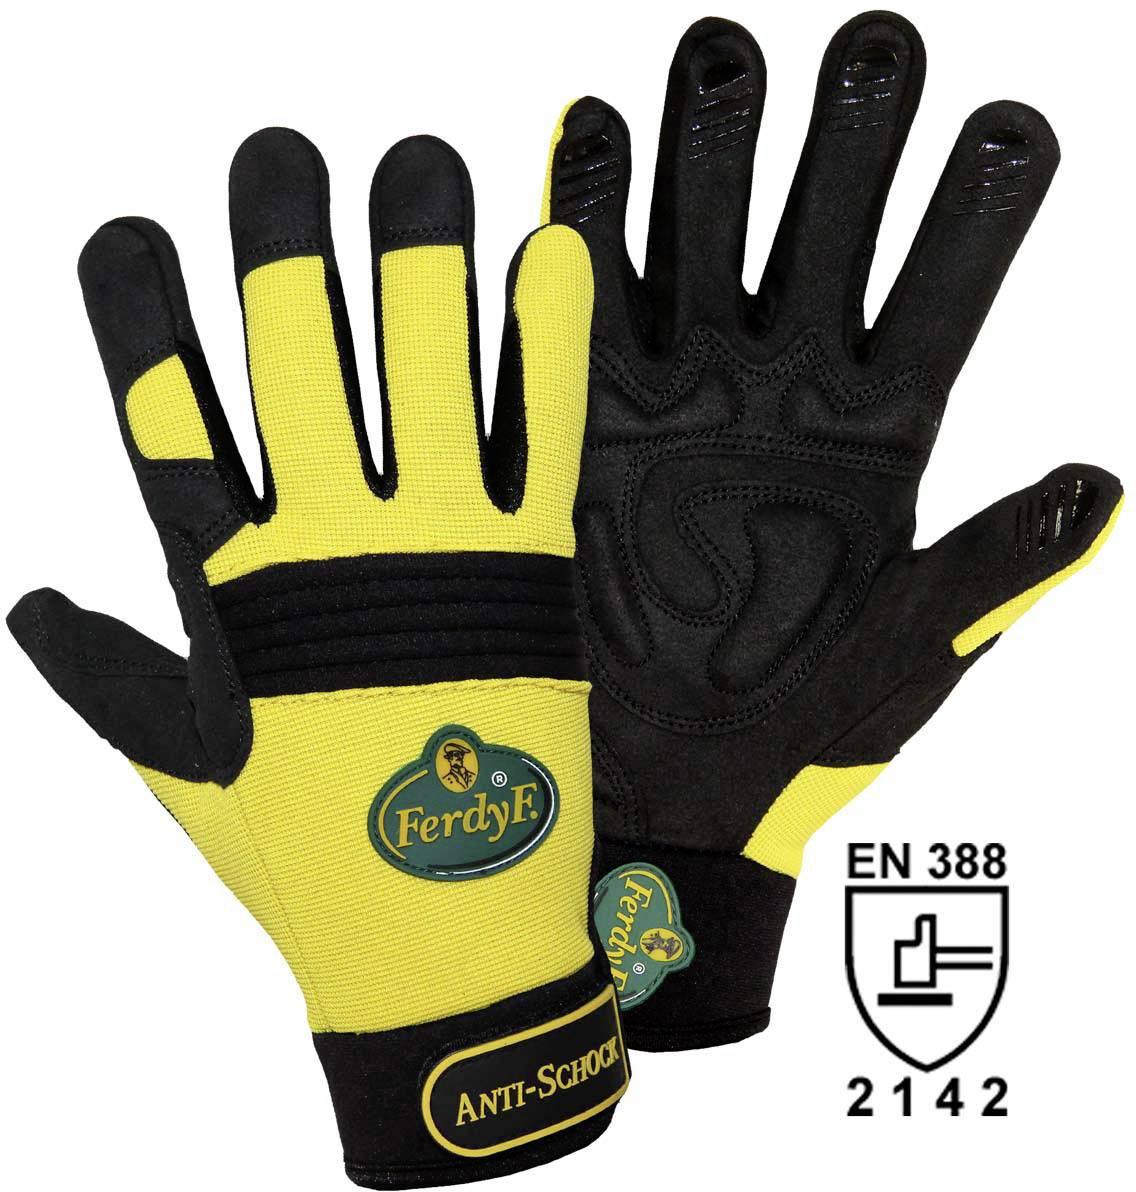 Montážní rukavice FerdyF. ANTI-SCHOCK 1970, CLARINO® - Syntetická kůže, velikost rukavic: 7, S